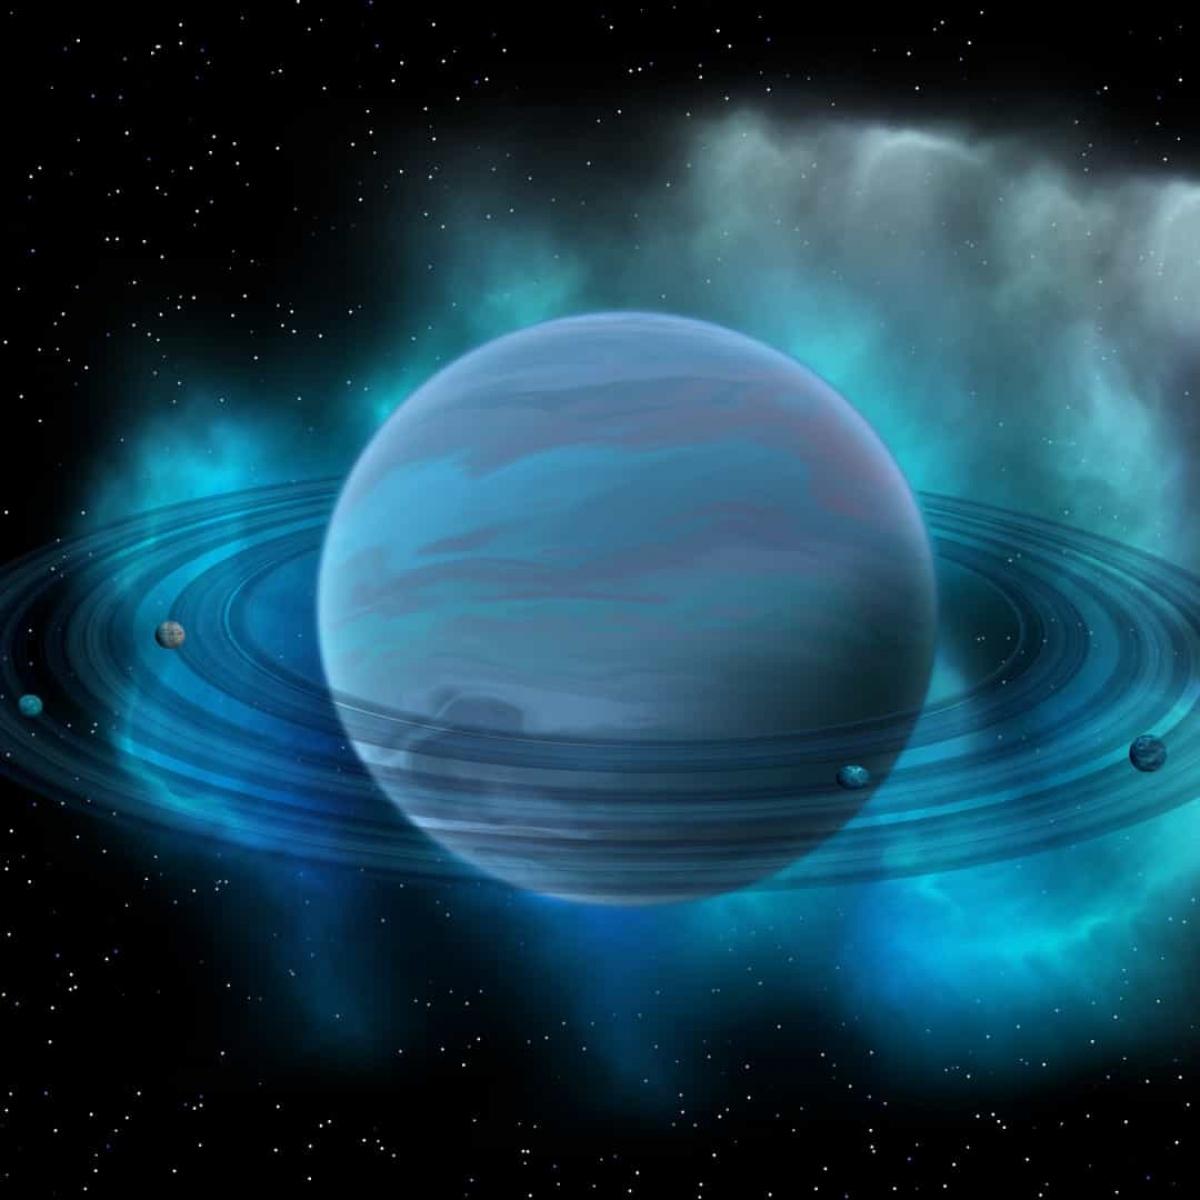 Sao Hải Vương cũng có những vành đai như sao Thổ. Những vành đai này được tạo thành từ bụi và băng.